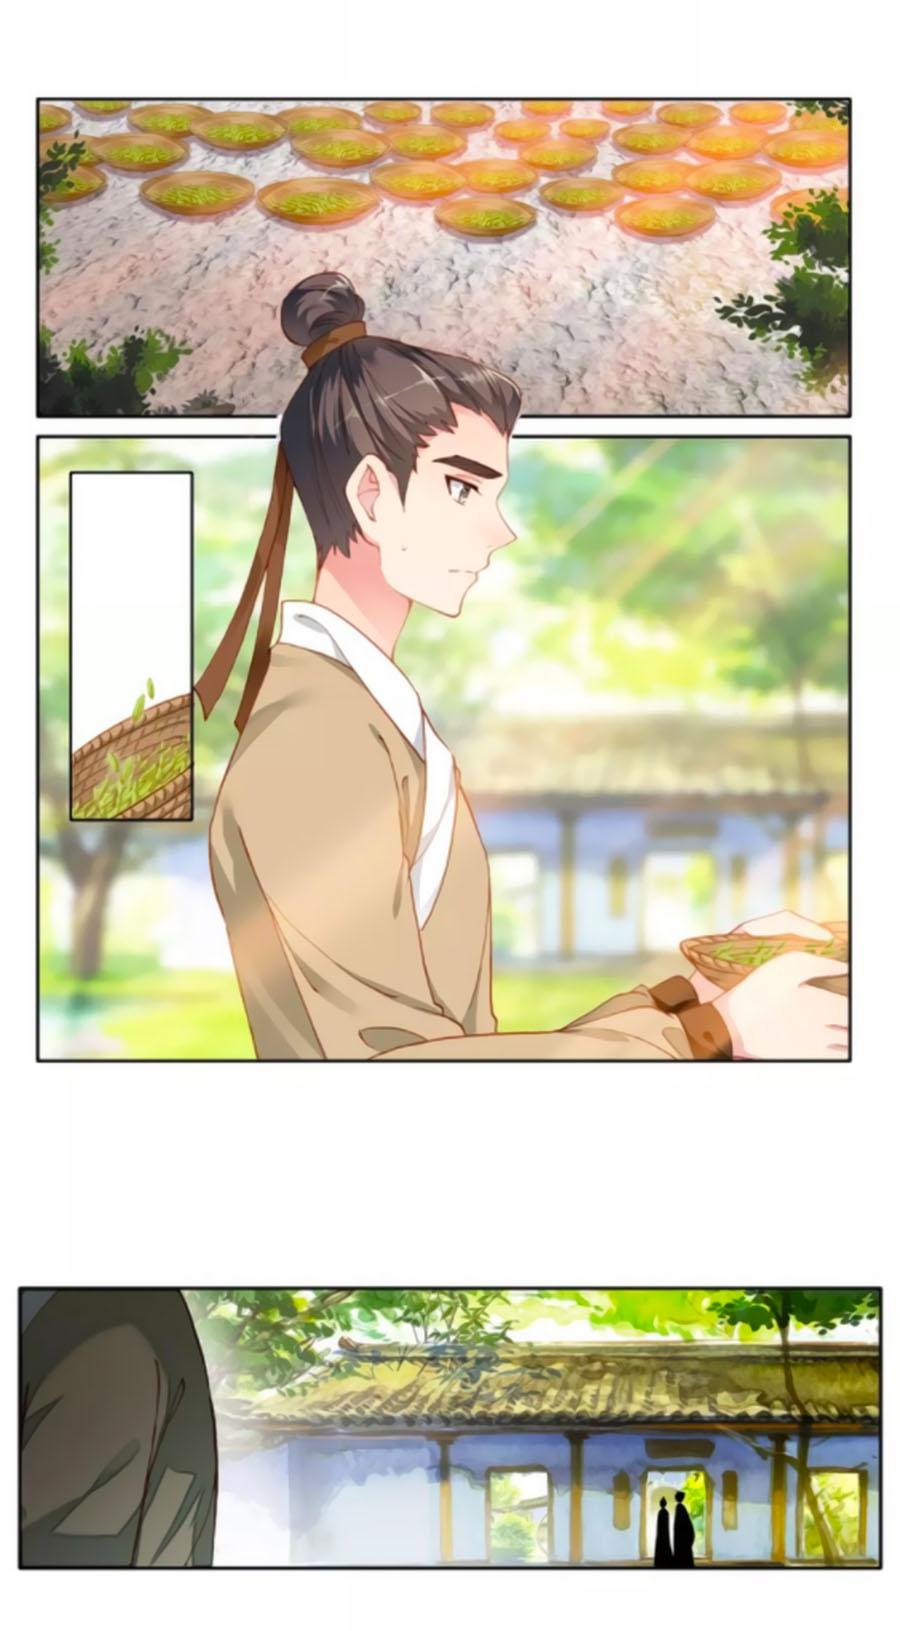 Trâm Trung Lục trang 7